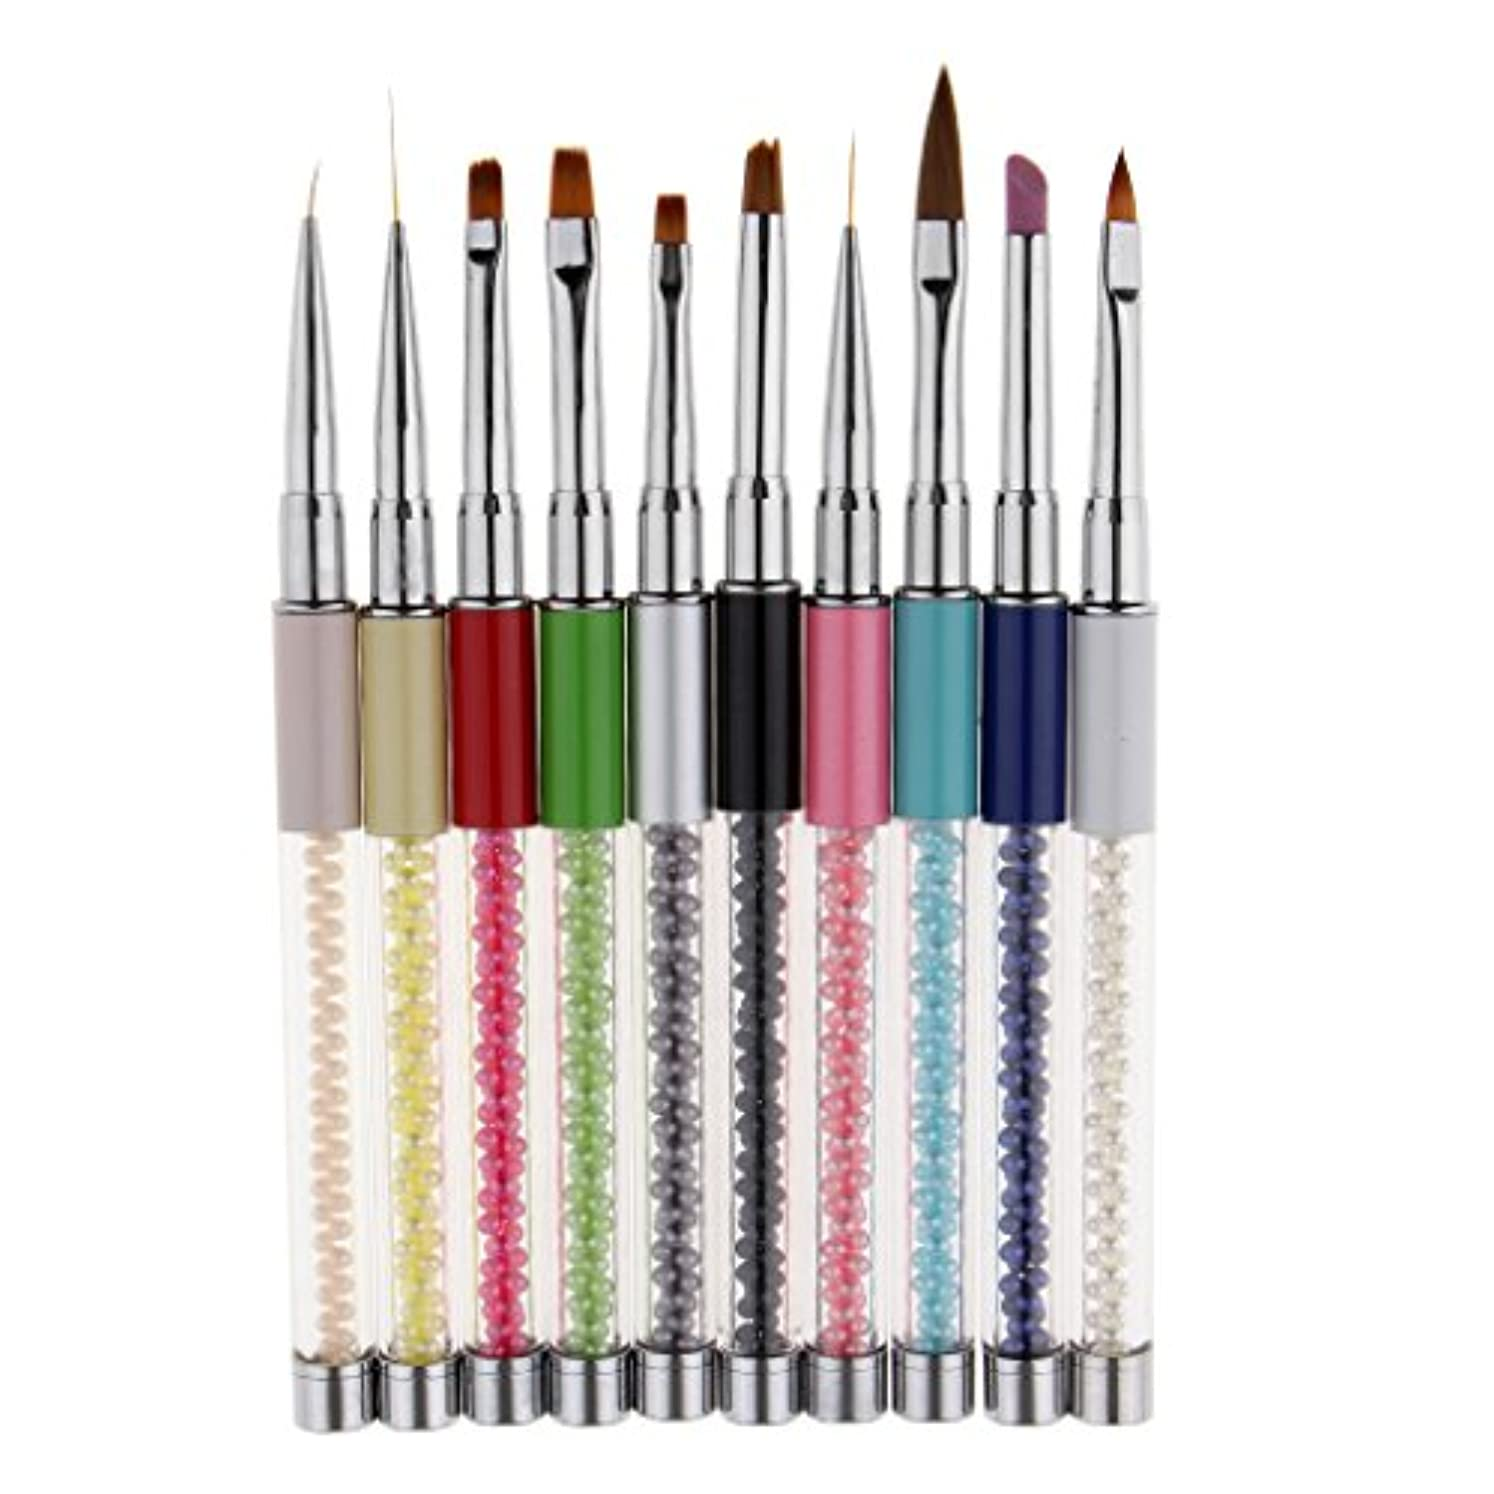 スプリット困った勝利したネイルアート ネイルブラシ 絵画ブラシ 点描ブラシ 点描ライナーペン ネイルデザイン 10本セット